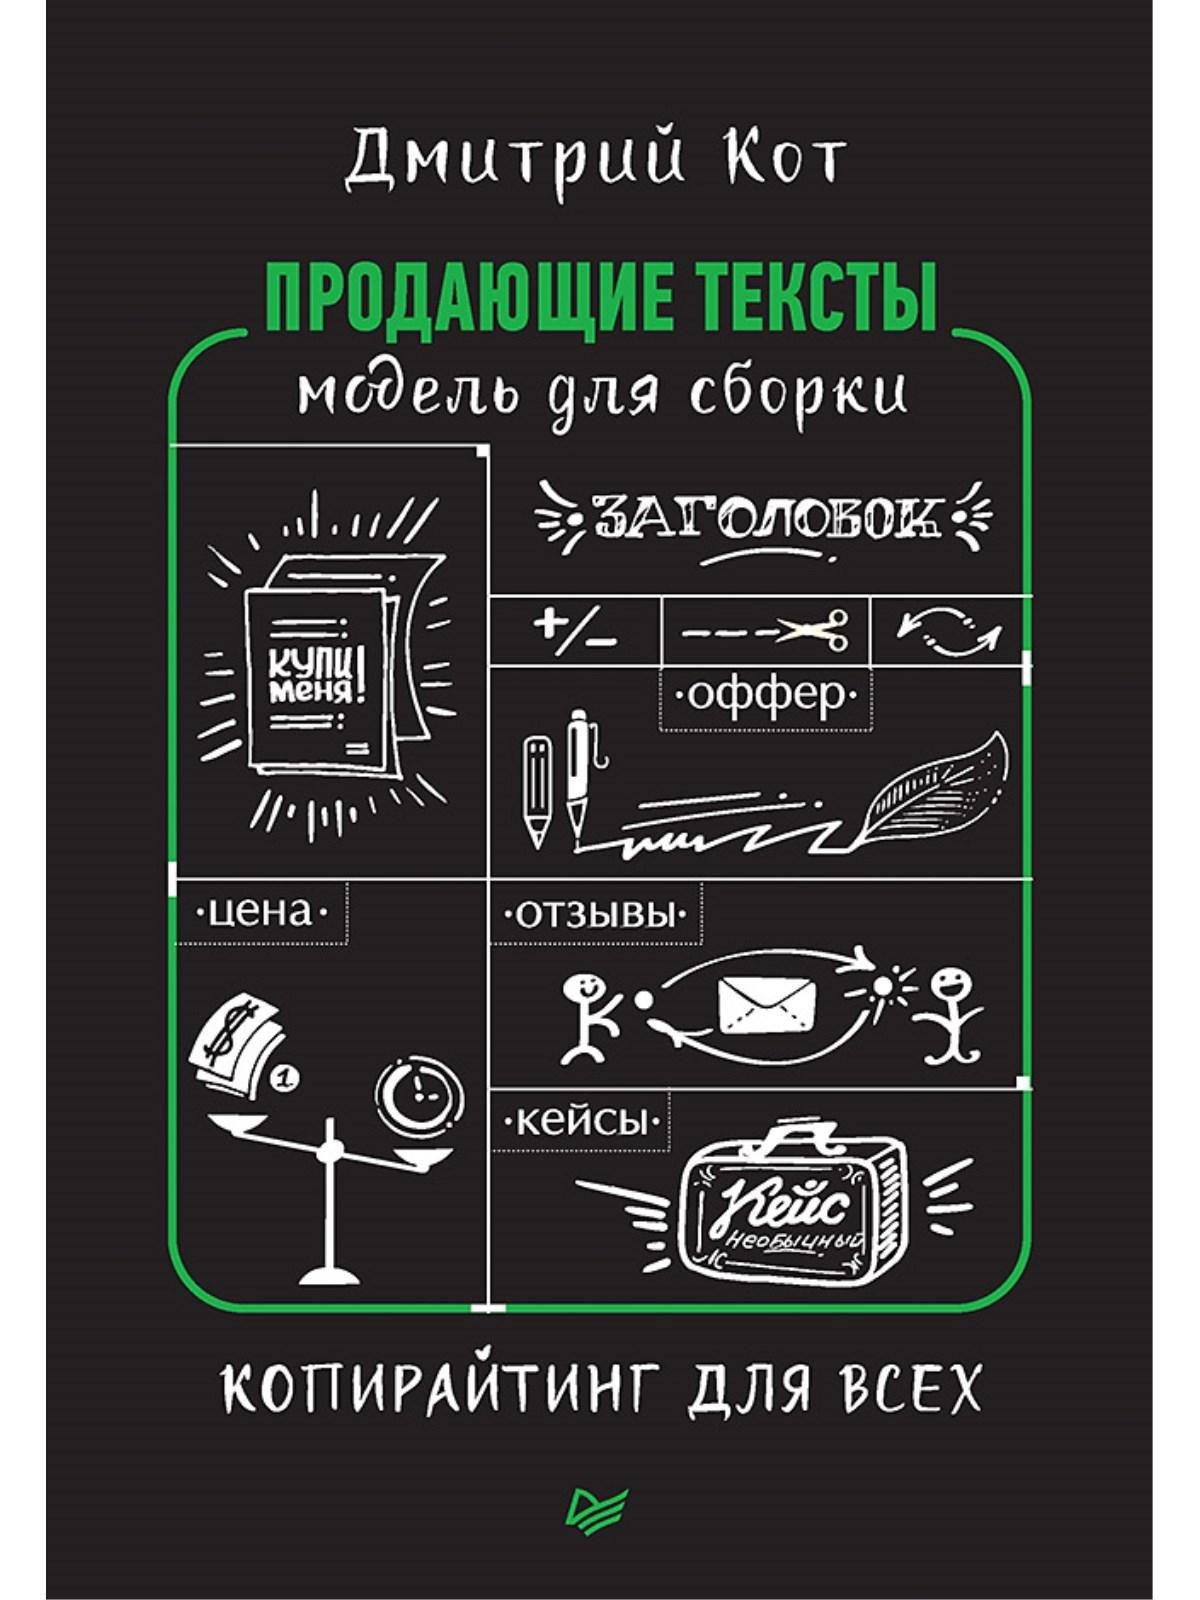 Кот Д Продающие тексты: модель для сборки. Копирайтинг для всех